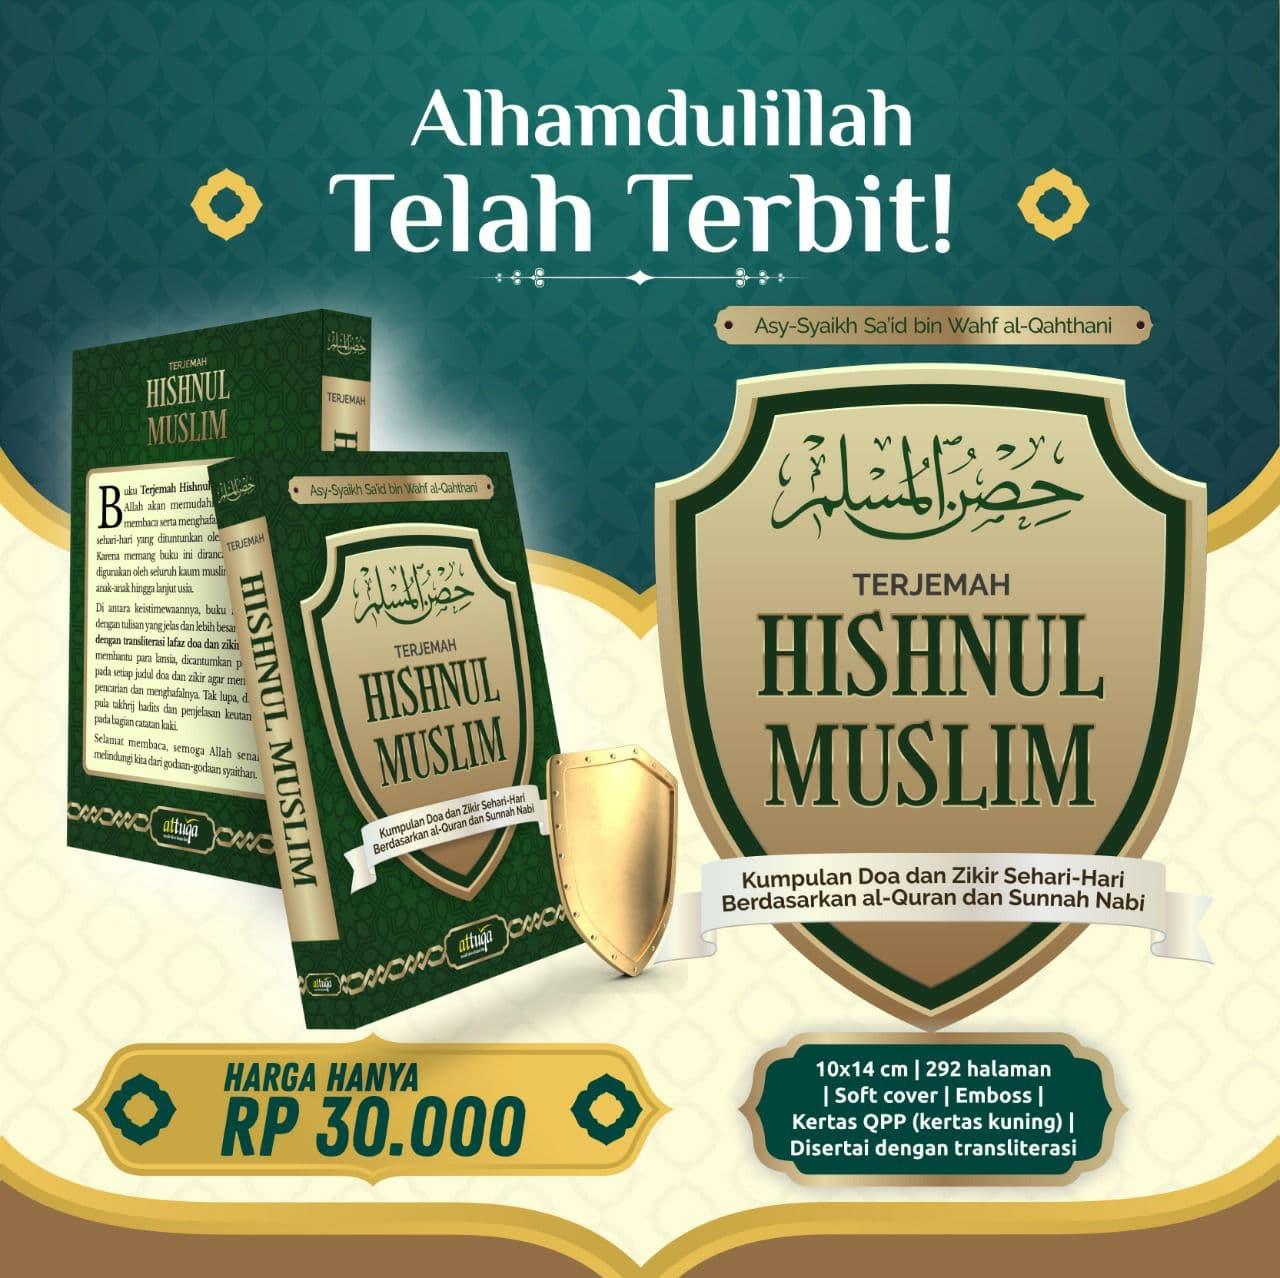 Buku Terjemah Hishnul Muslim Attuqa